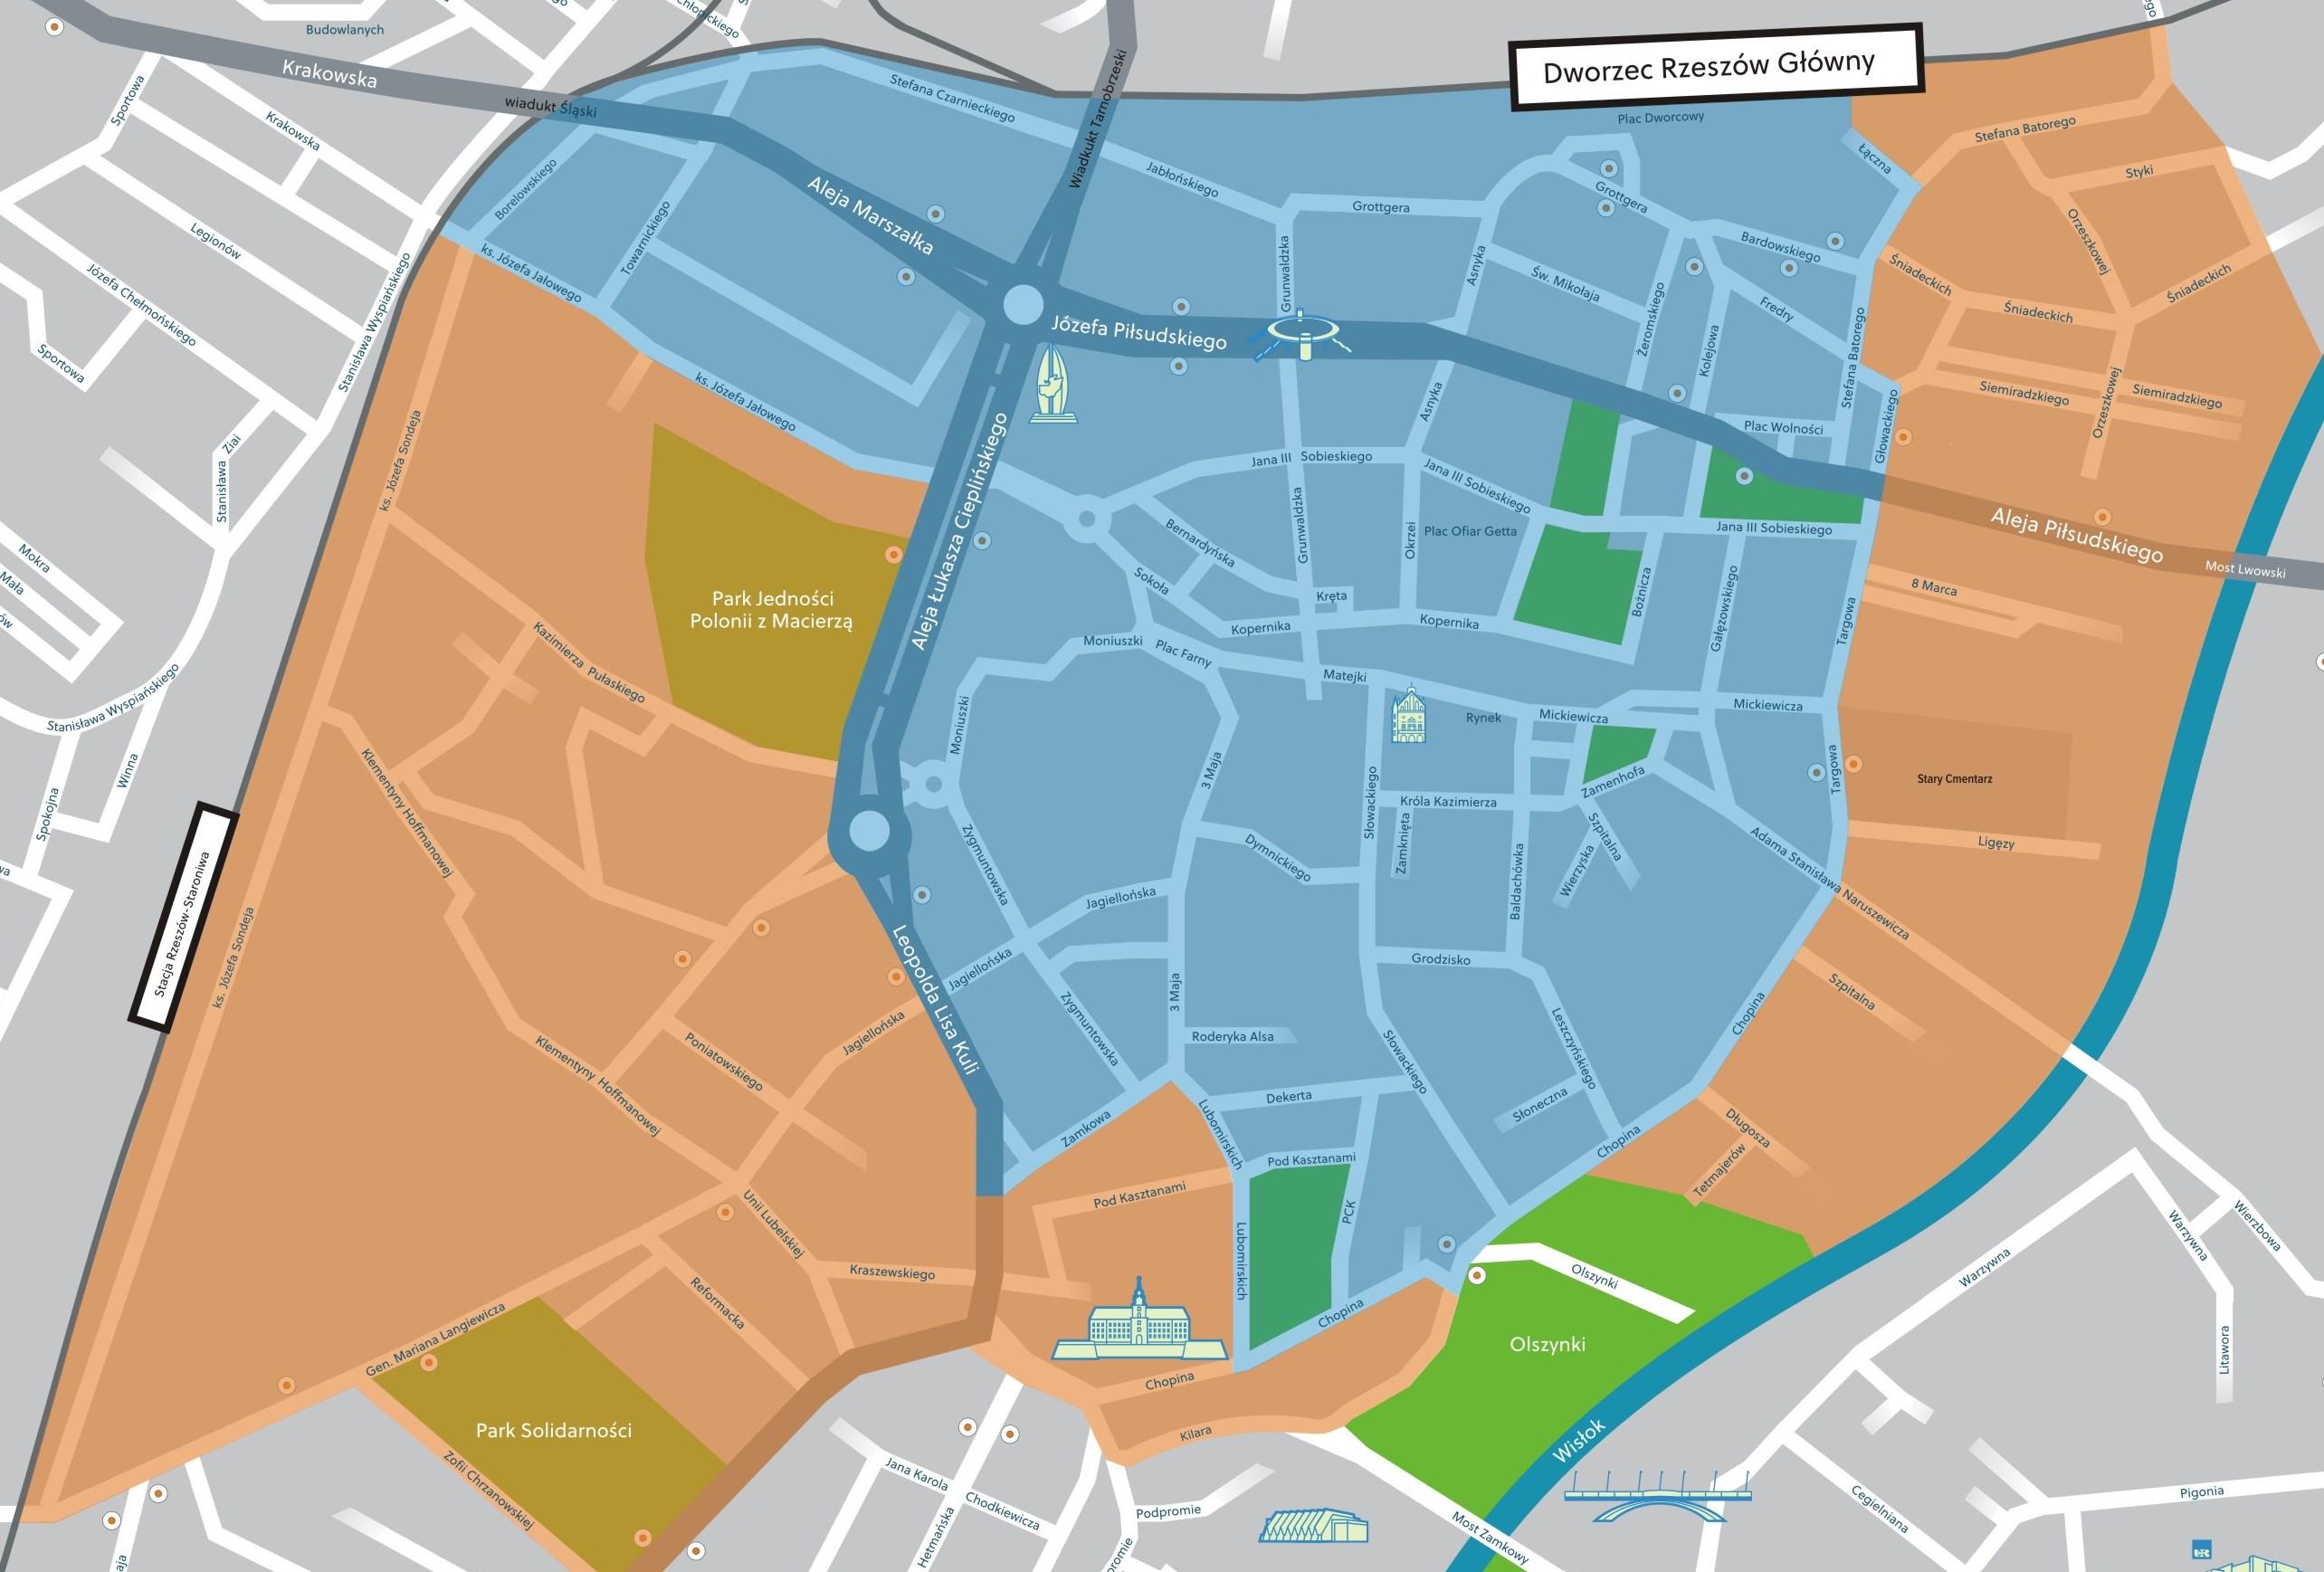 Fot. Urząd Miasta Rzeszowa. Na zdjęciu mapa strefy płatnego parkowania